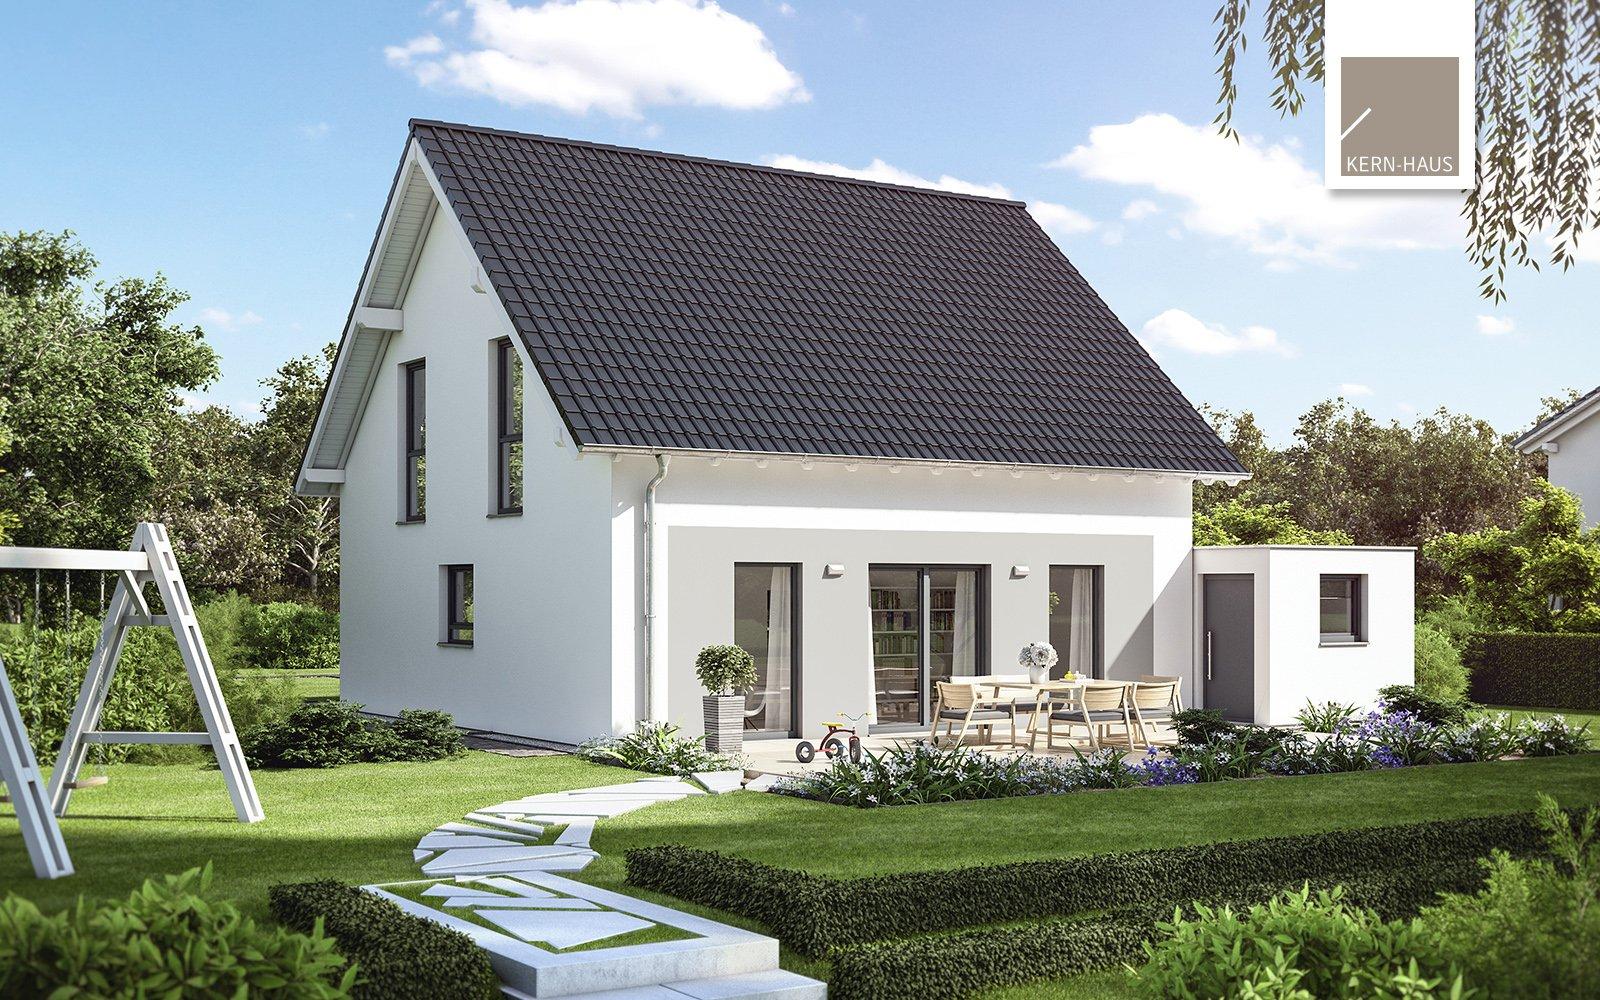 Kern-Haus Familienhaus Luna Gartenseite